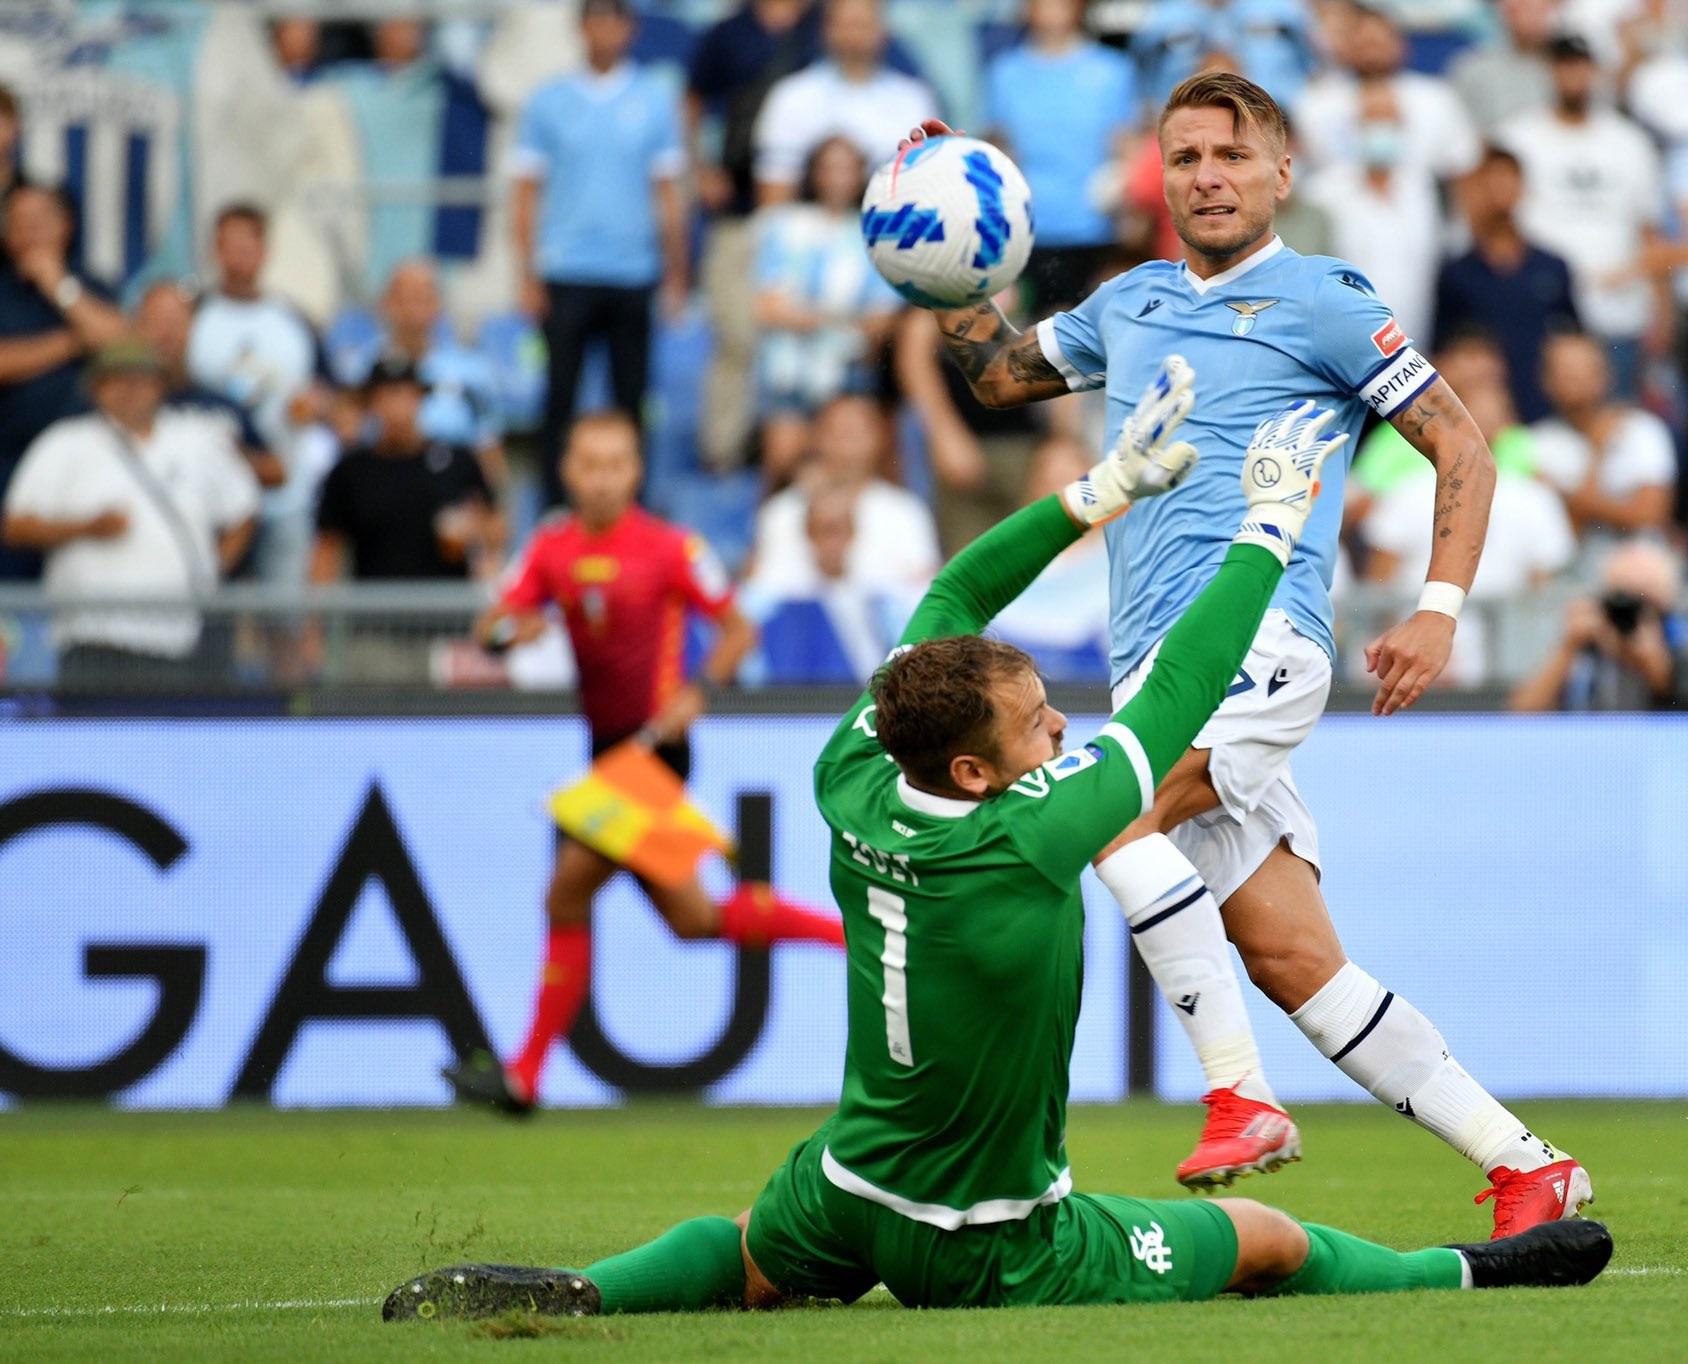 ملخص وأهداف مباراة لاتسيو ضد سبيزيا في الدوري الإيطالي